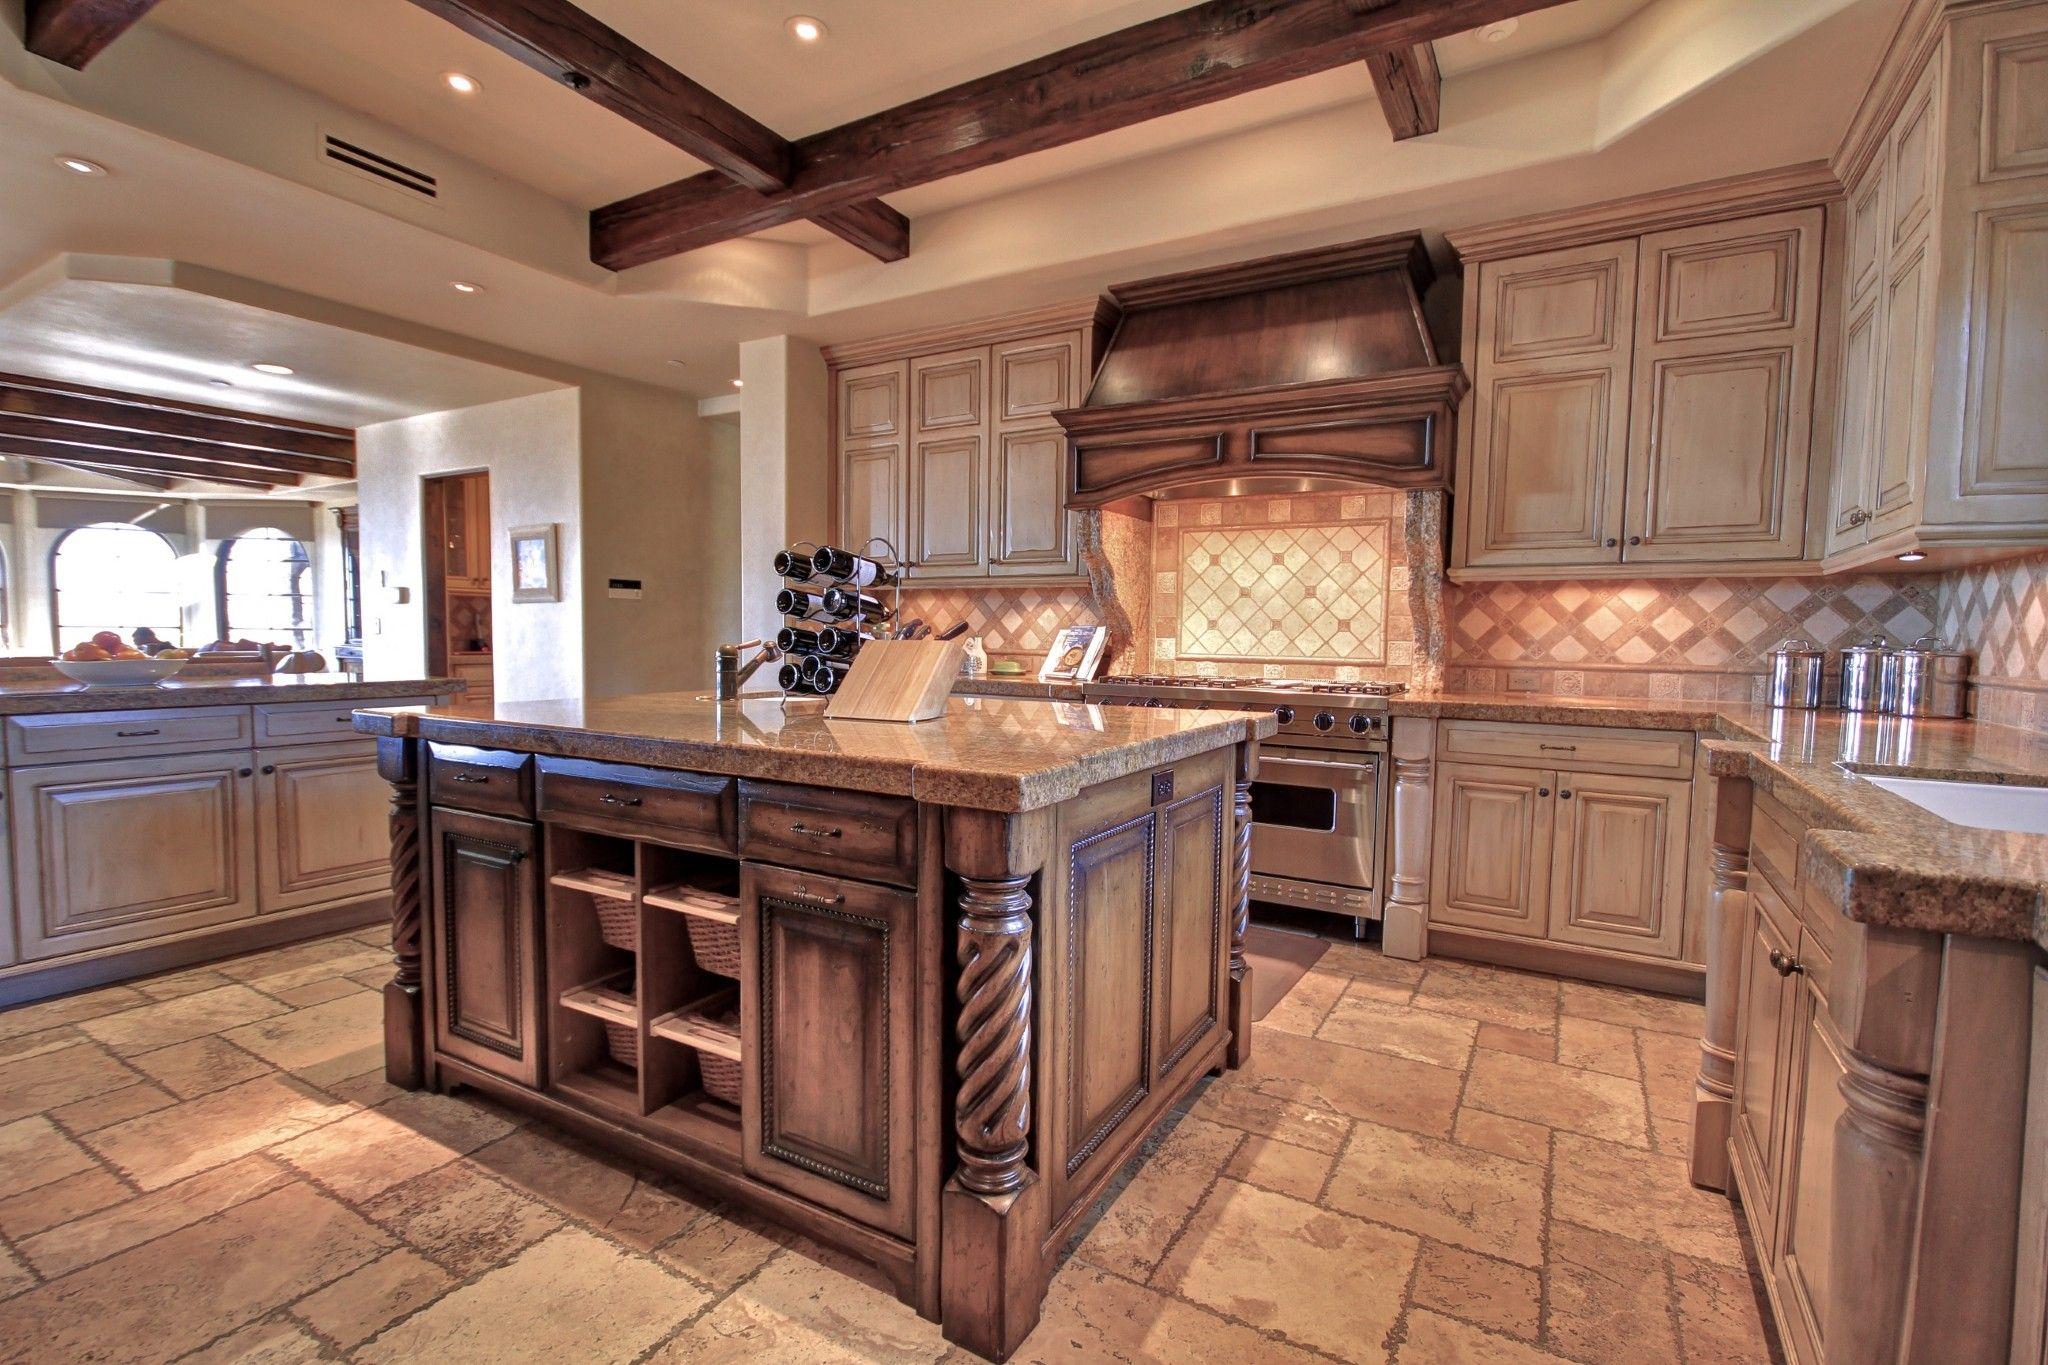 Wooden kitchen in 2019 | Beige kitchen cabinets, Beige ...